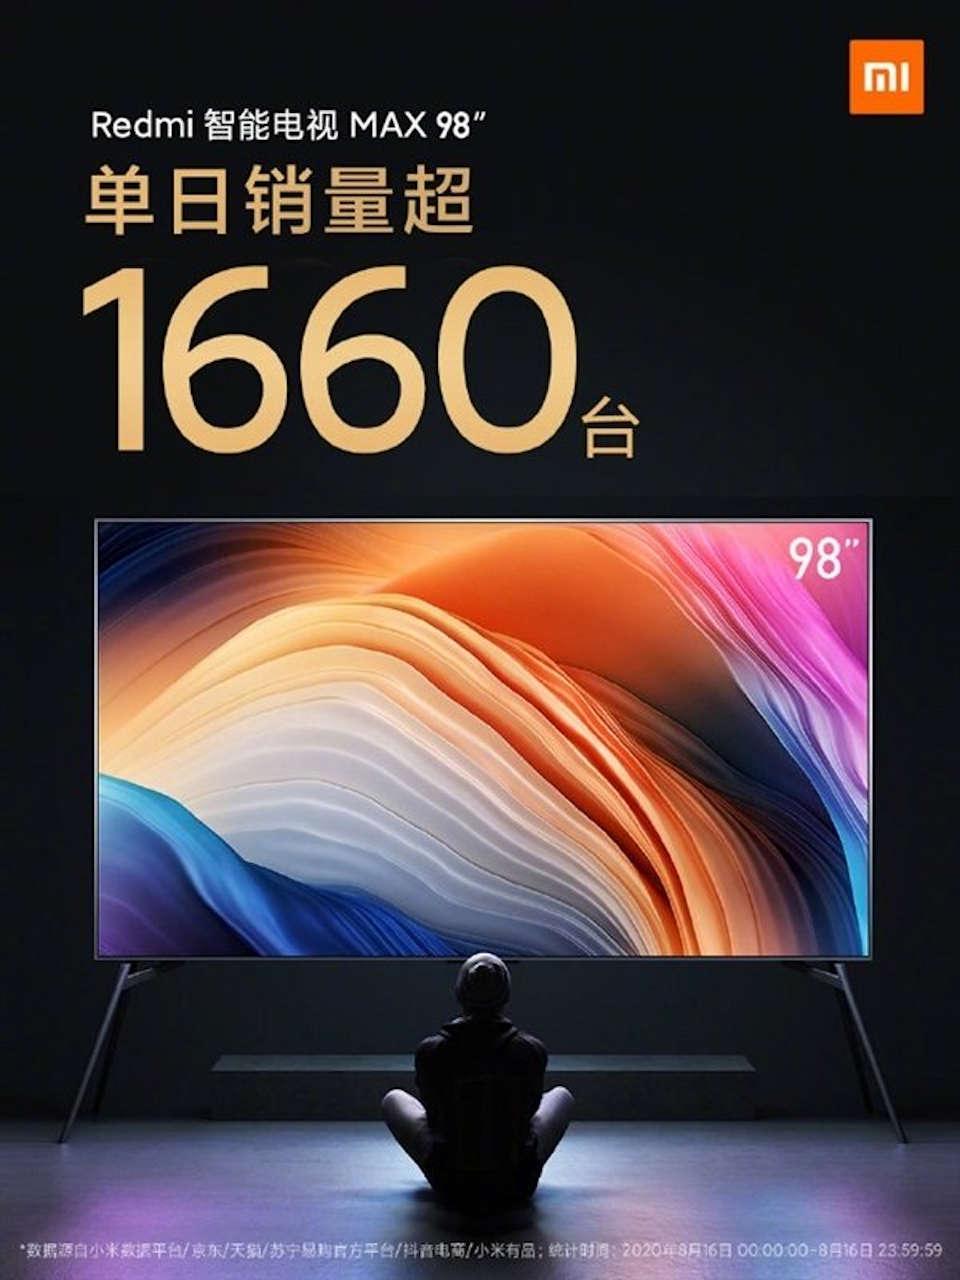 redmi smart tv max 98 vendite